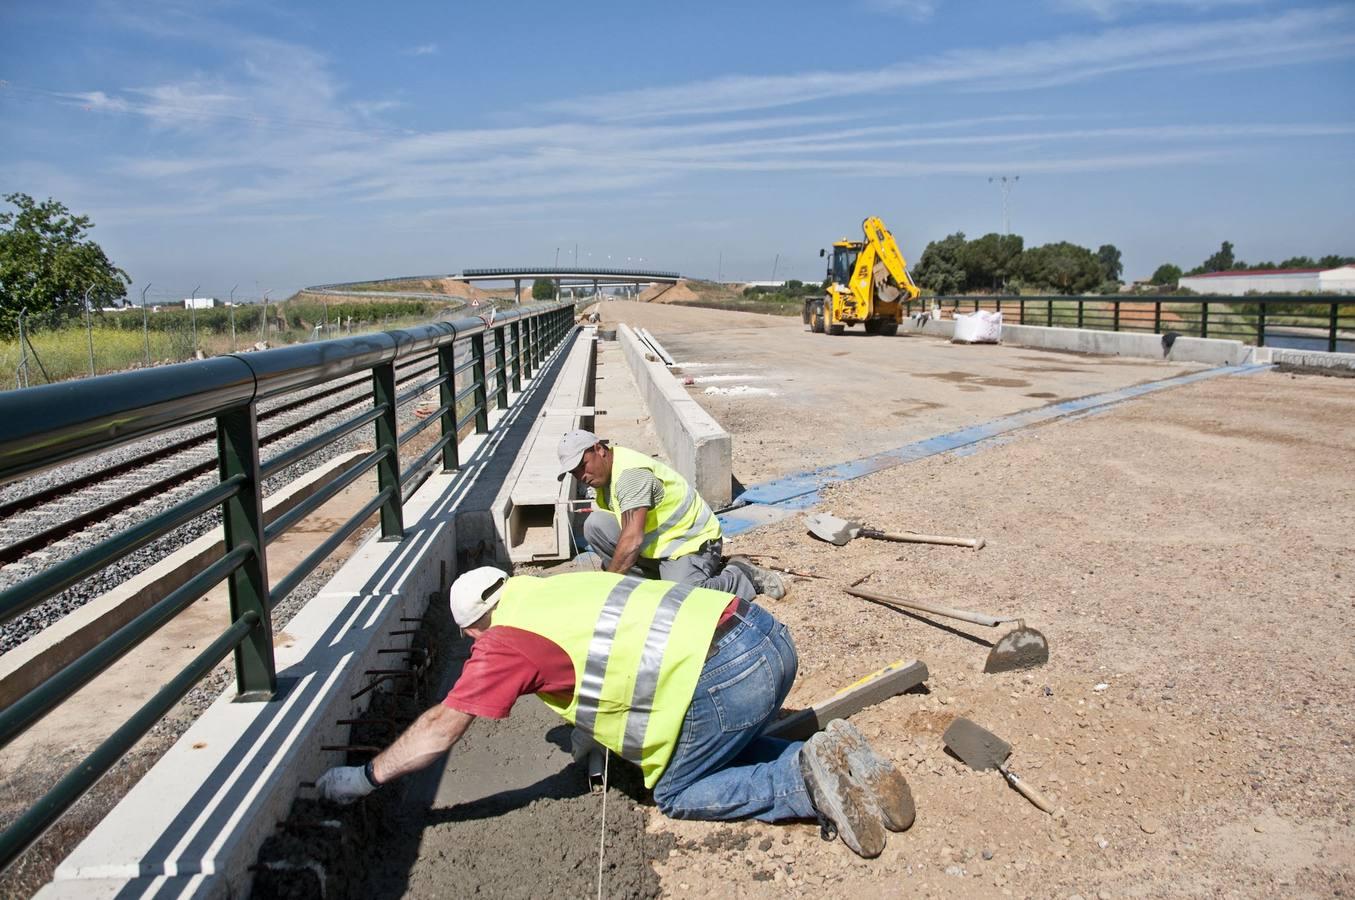 El suministro y transporte de desvíos ferroviarios para el tramo Talayuela-Cáceres-Badajoz saldrá a concurso por 8,6 millones de euros